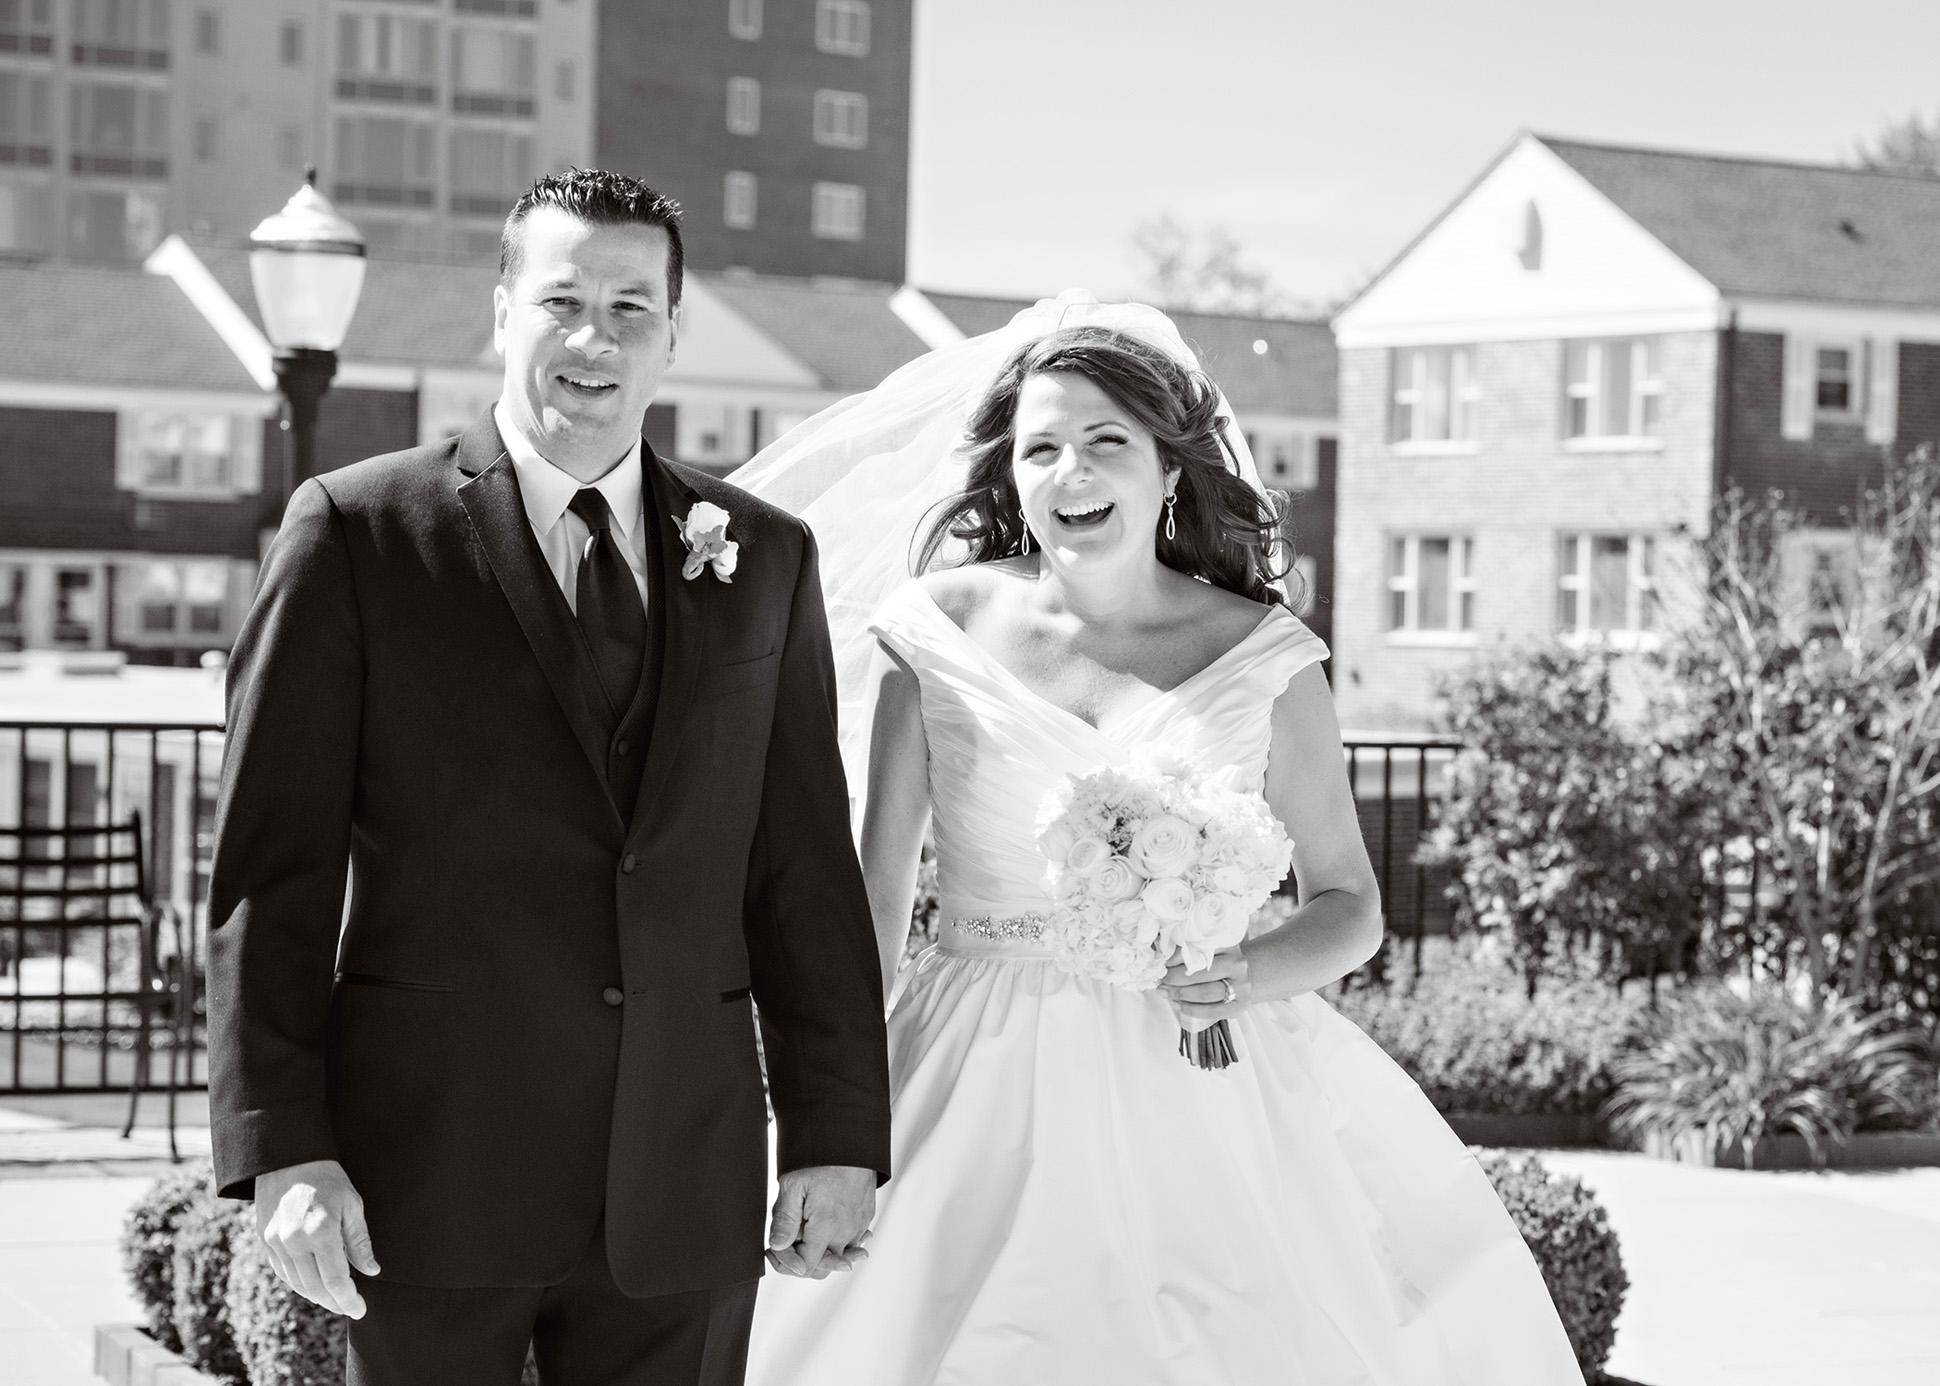 17-Sara Stadtmiller-SRS-Photography-Asbury-Park-Wedding-Photographer-Monmouth-County-Wedding-Photographer-NJ-Wedding-Photographer-Molly-Pitcher-Inn-Wedding